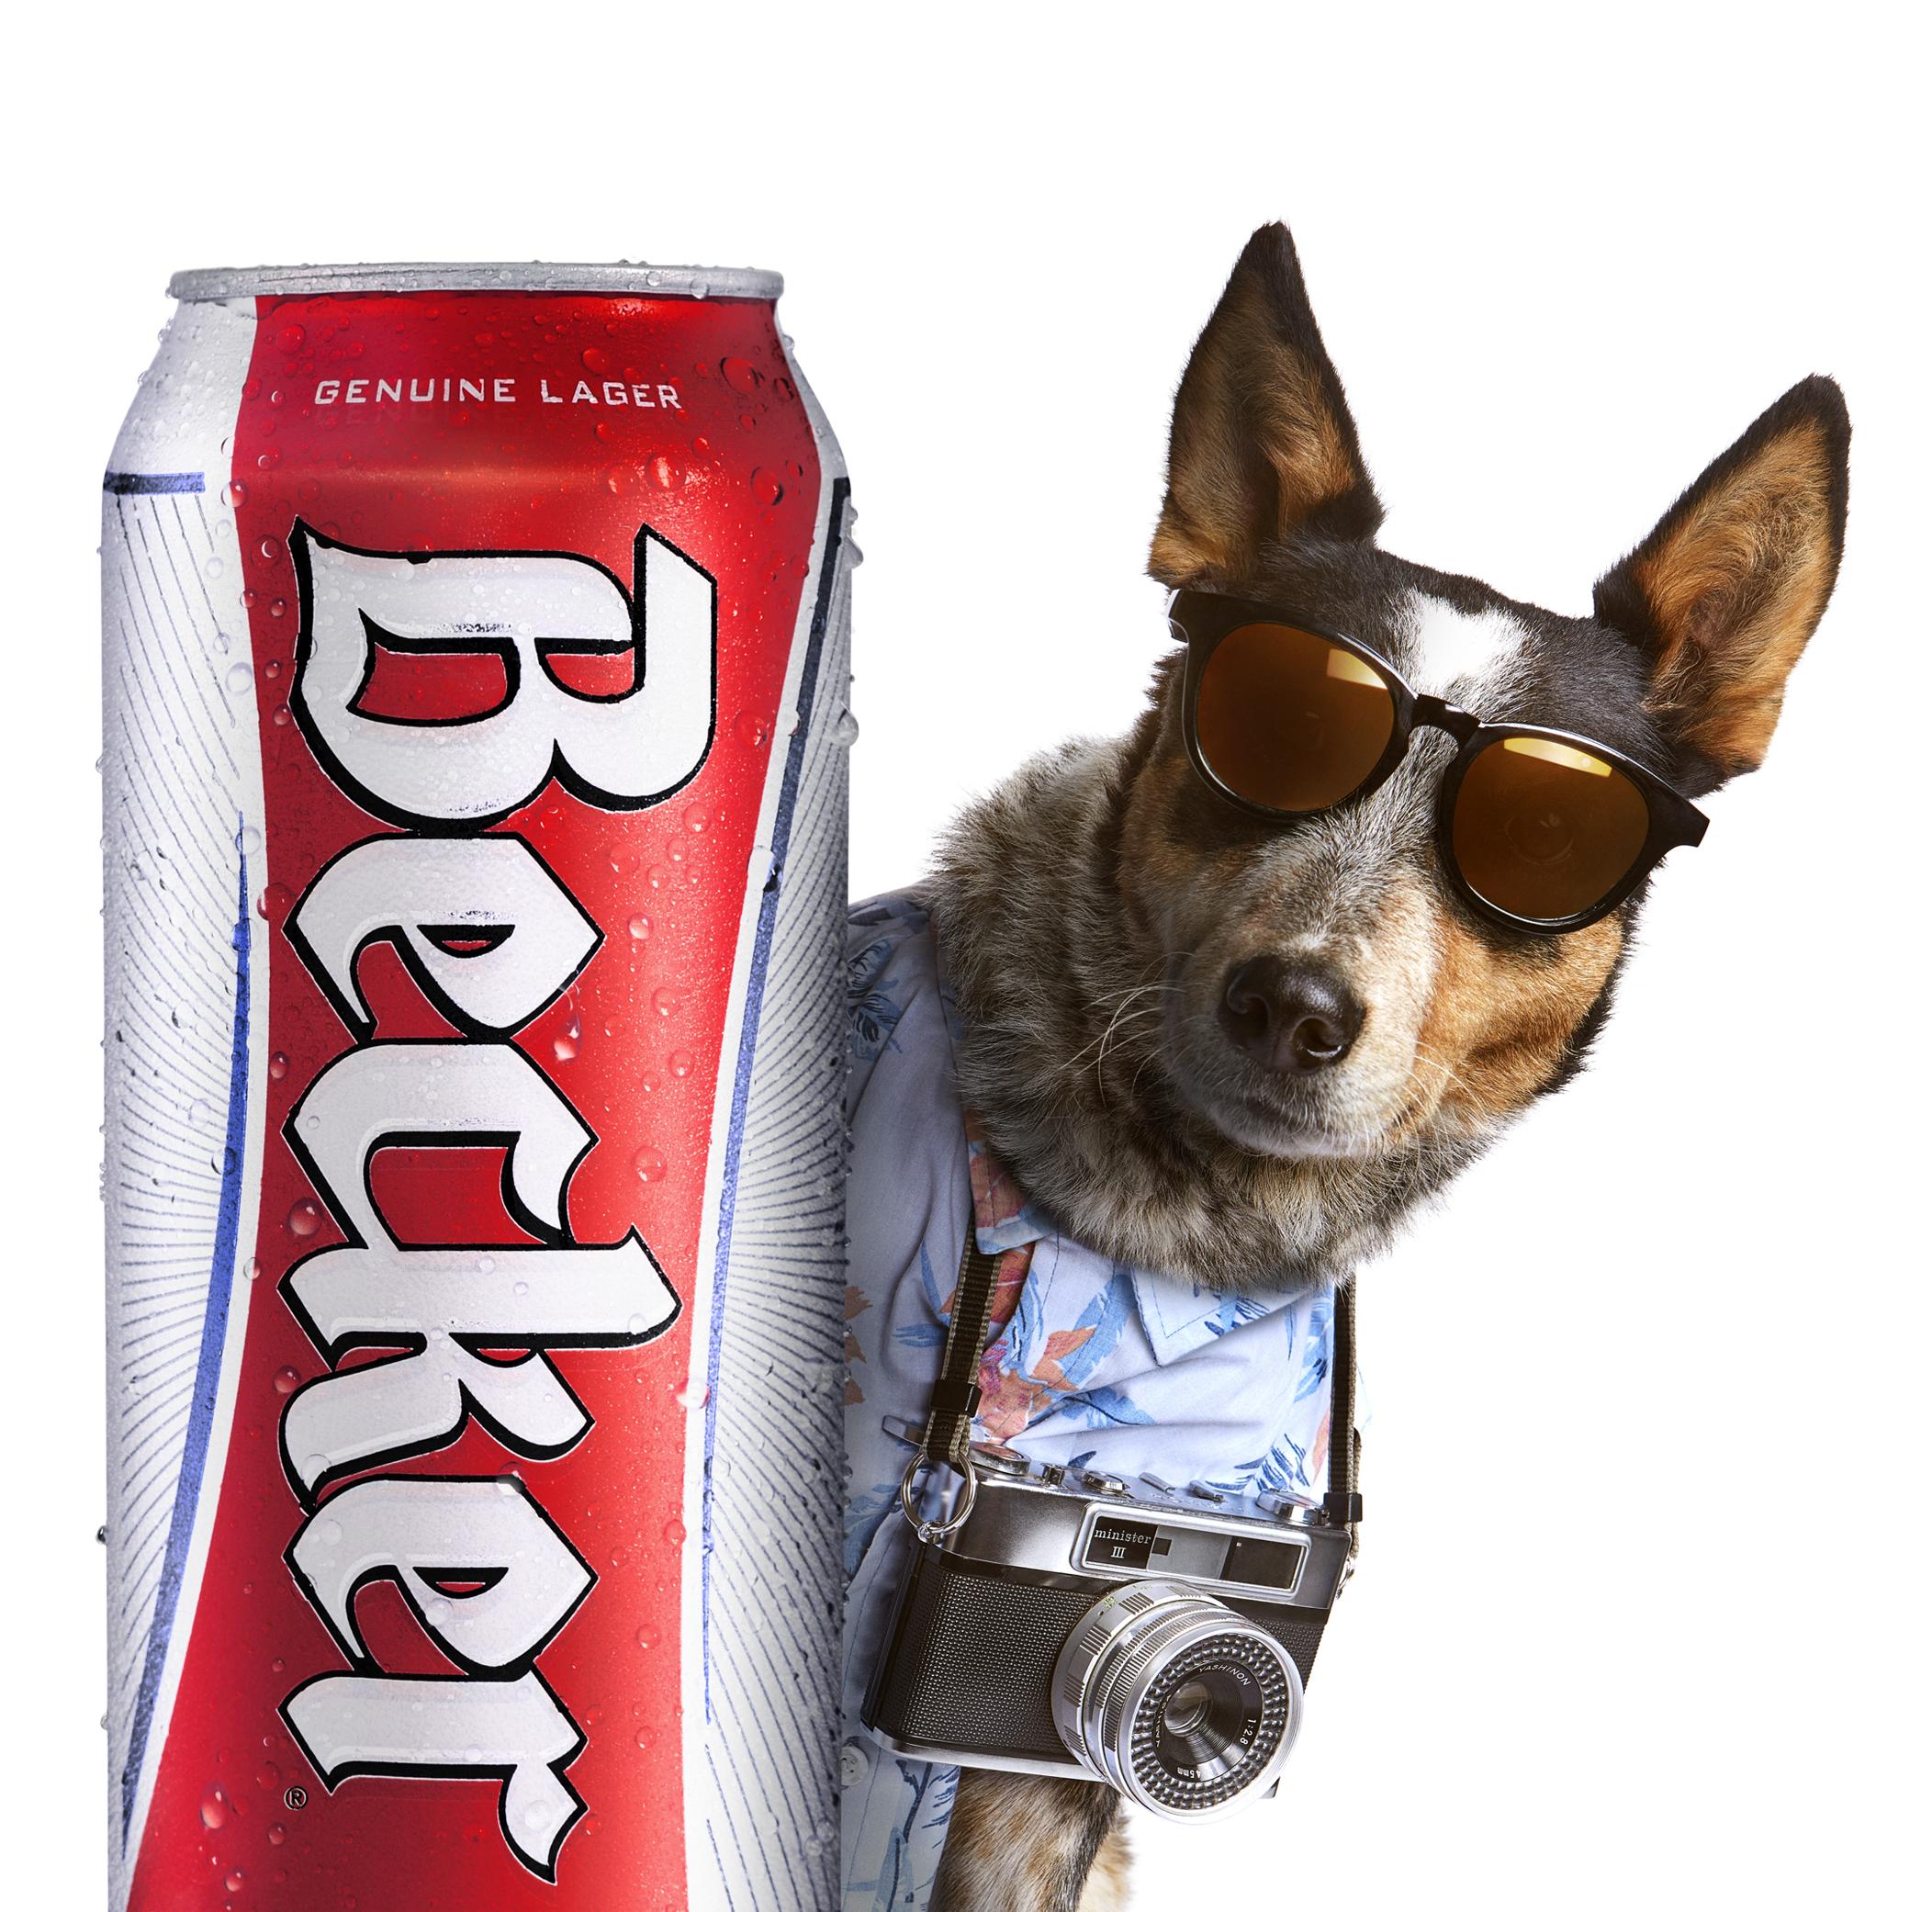 BECKER_Dog one _ok_1.jpg